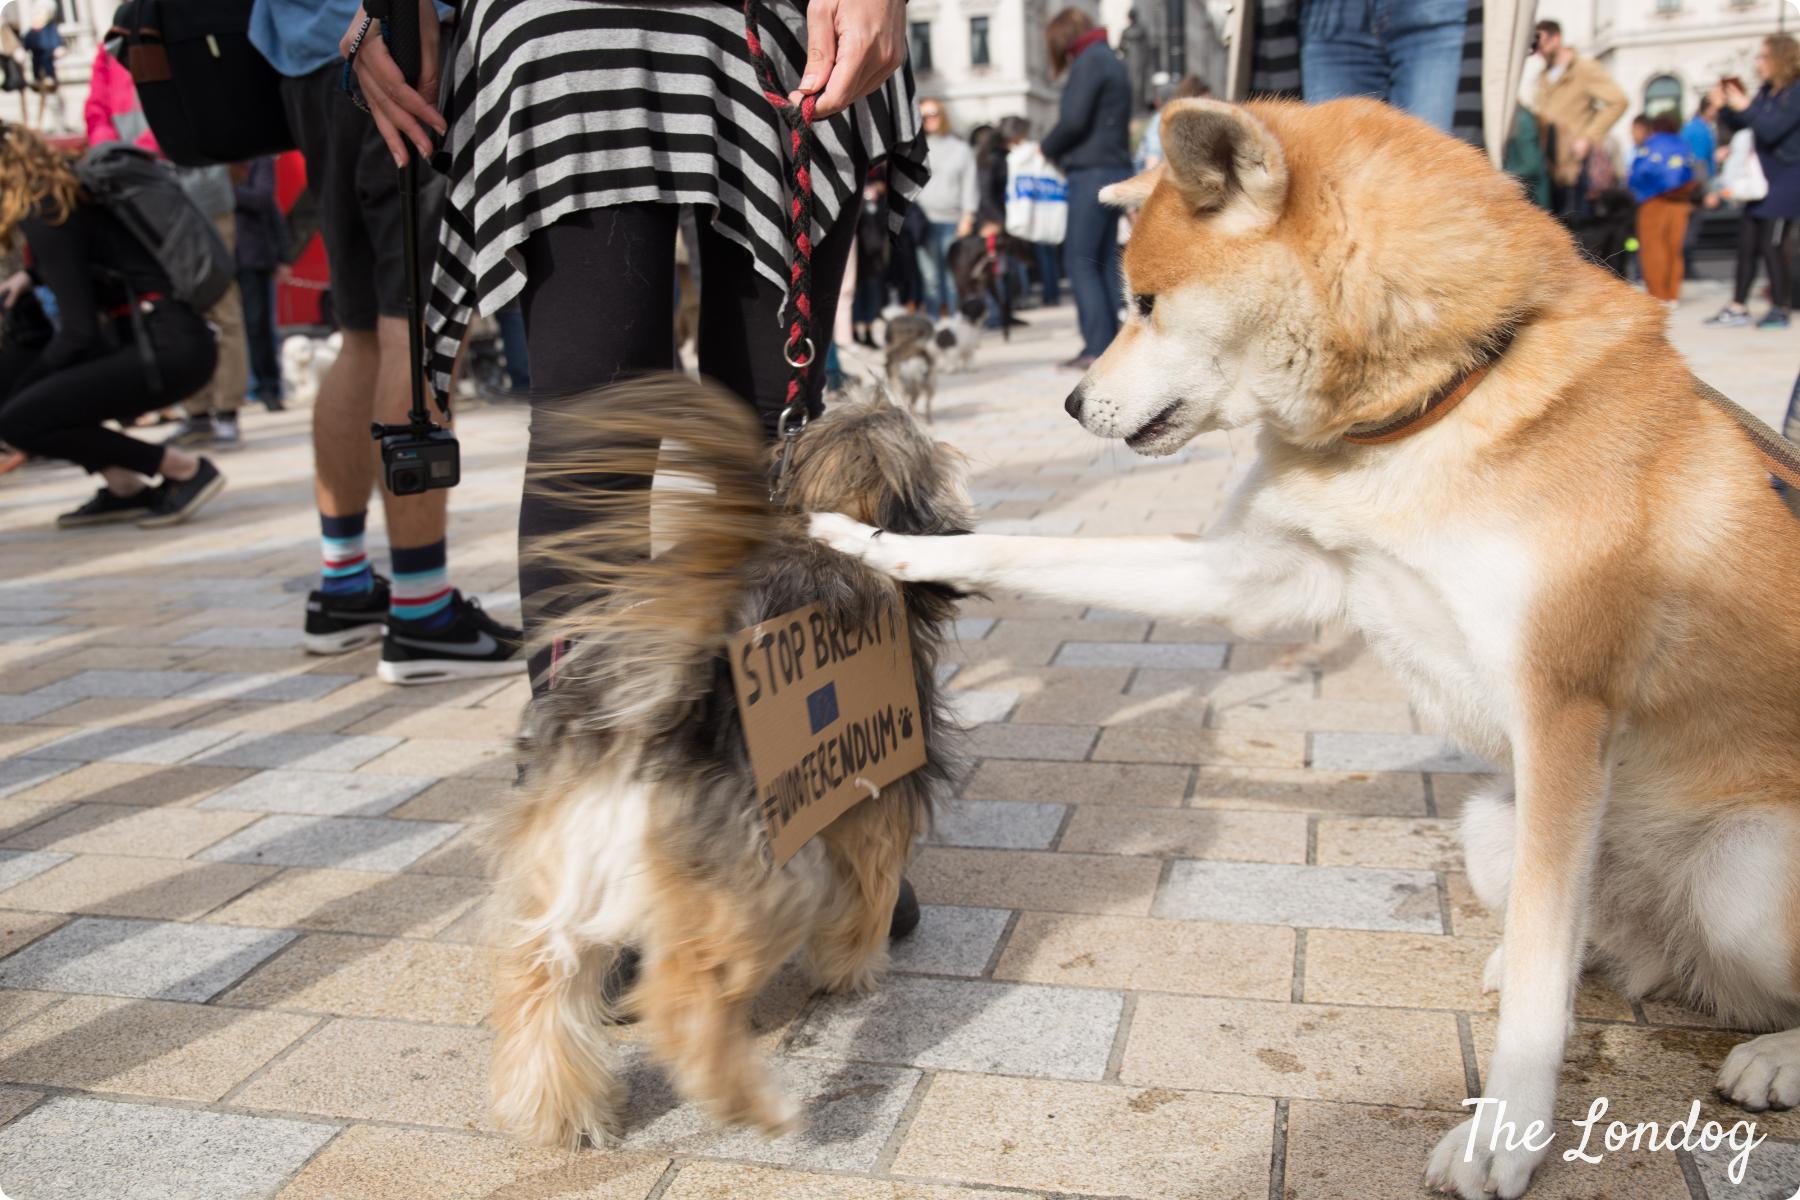 Wooferendum dog putting paw on other dog